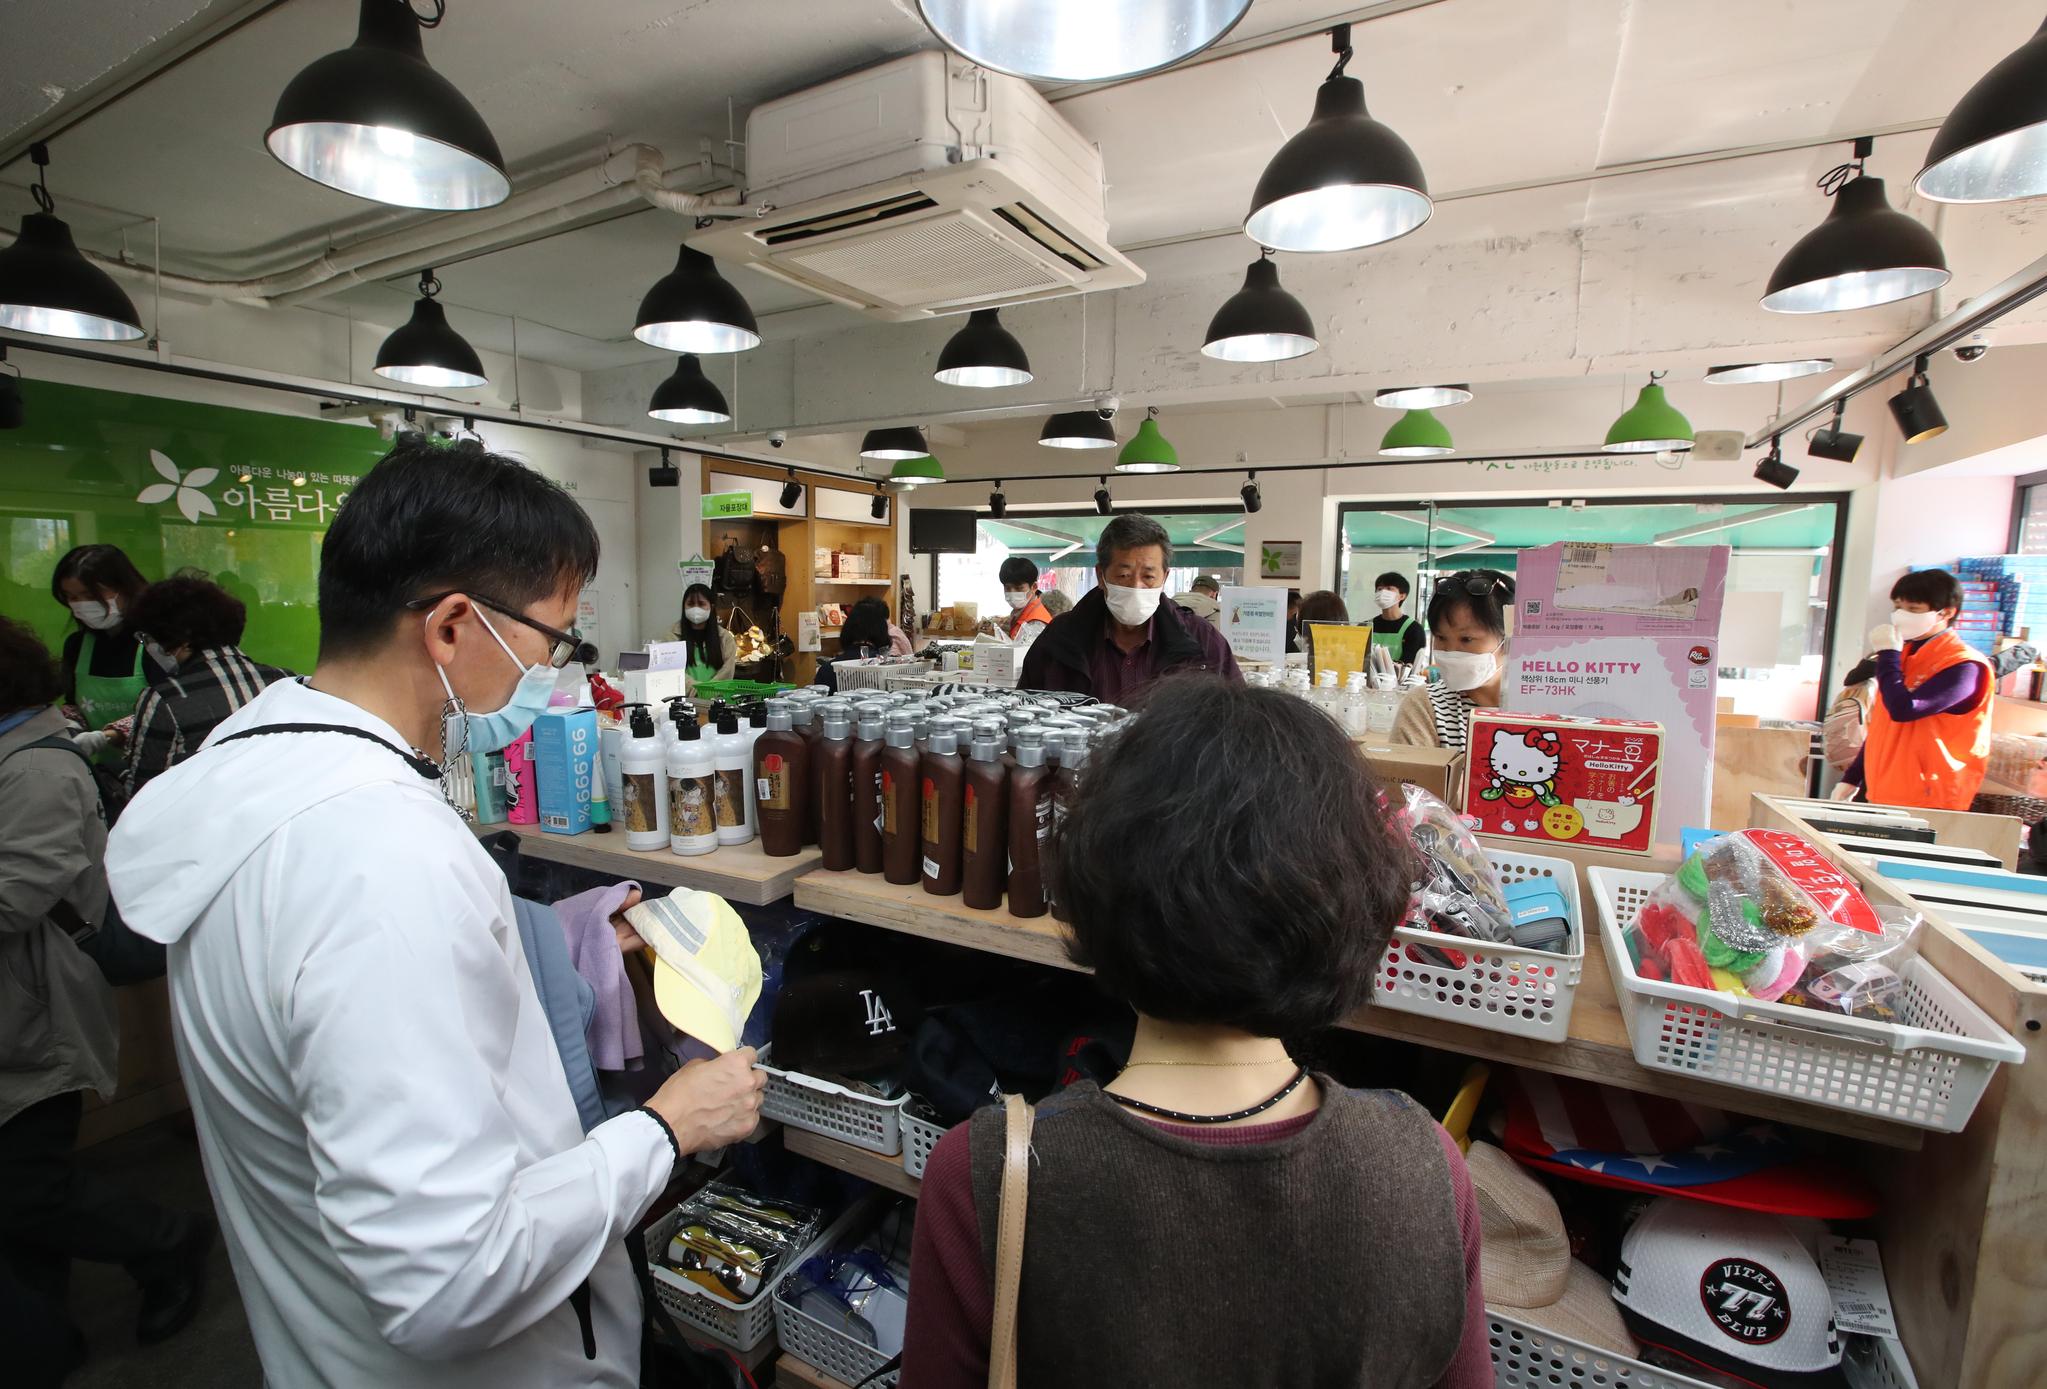 '위아자 나눔장터 2020' 특별판매전이 열린 서울 아름다운가게 안국점에도 개장전부터 40여명의 손님들이 몰렸다. 이날 안국점을 찾은 시민들이 물품을 둘러보고 있다. 우상조 기자